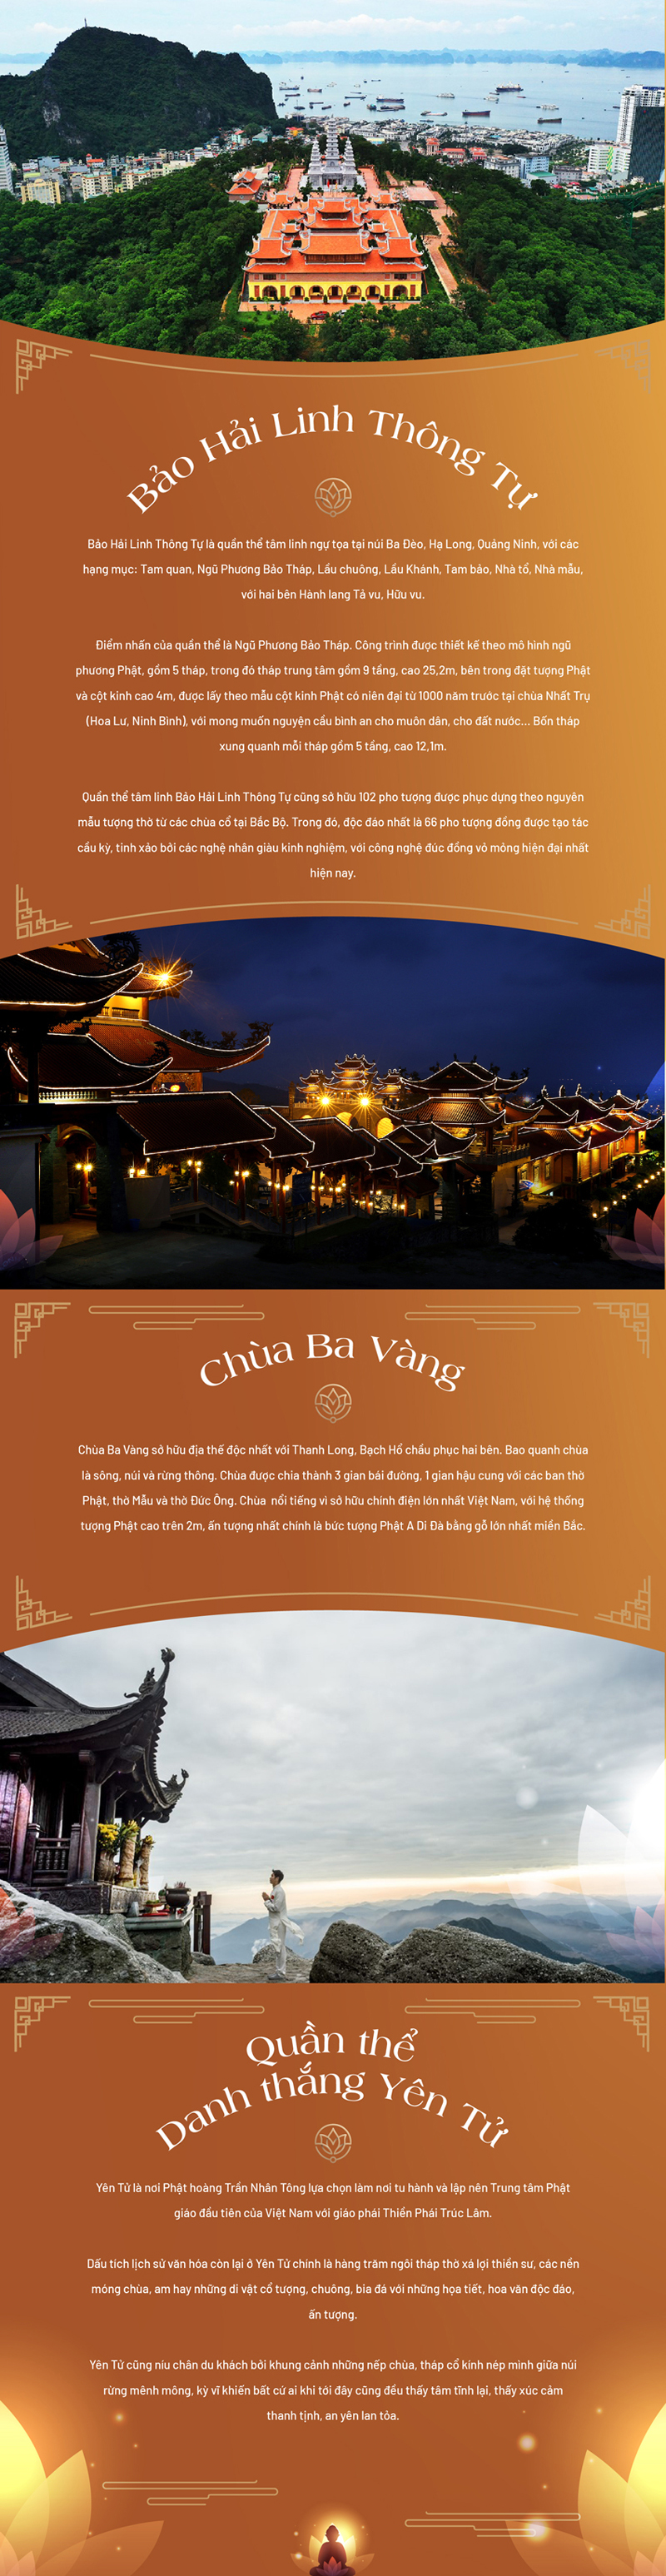 Top điểm đến tâm linh đẹp kỳ vĩ tại Quảng Ninh -0